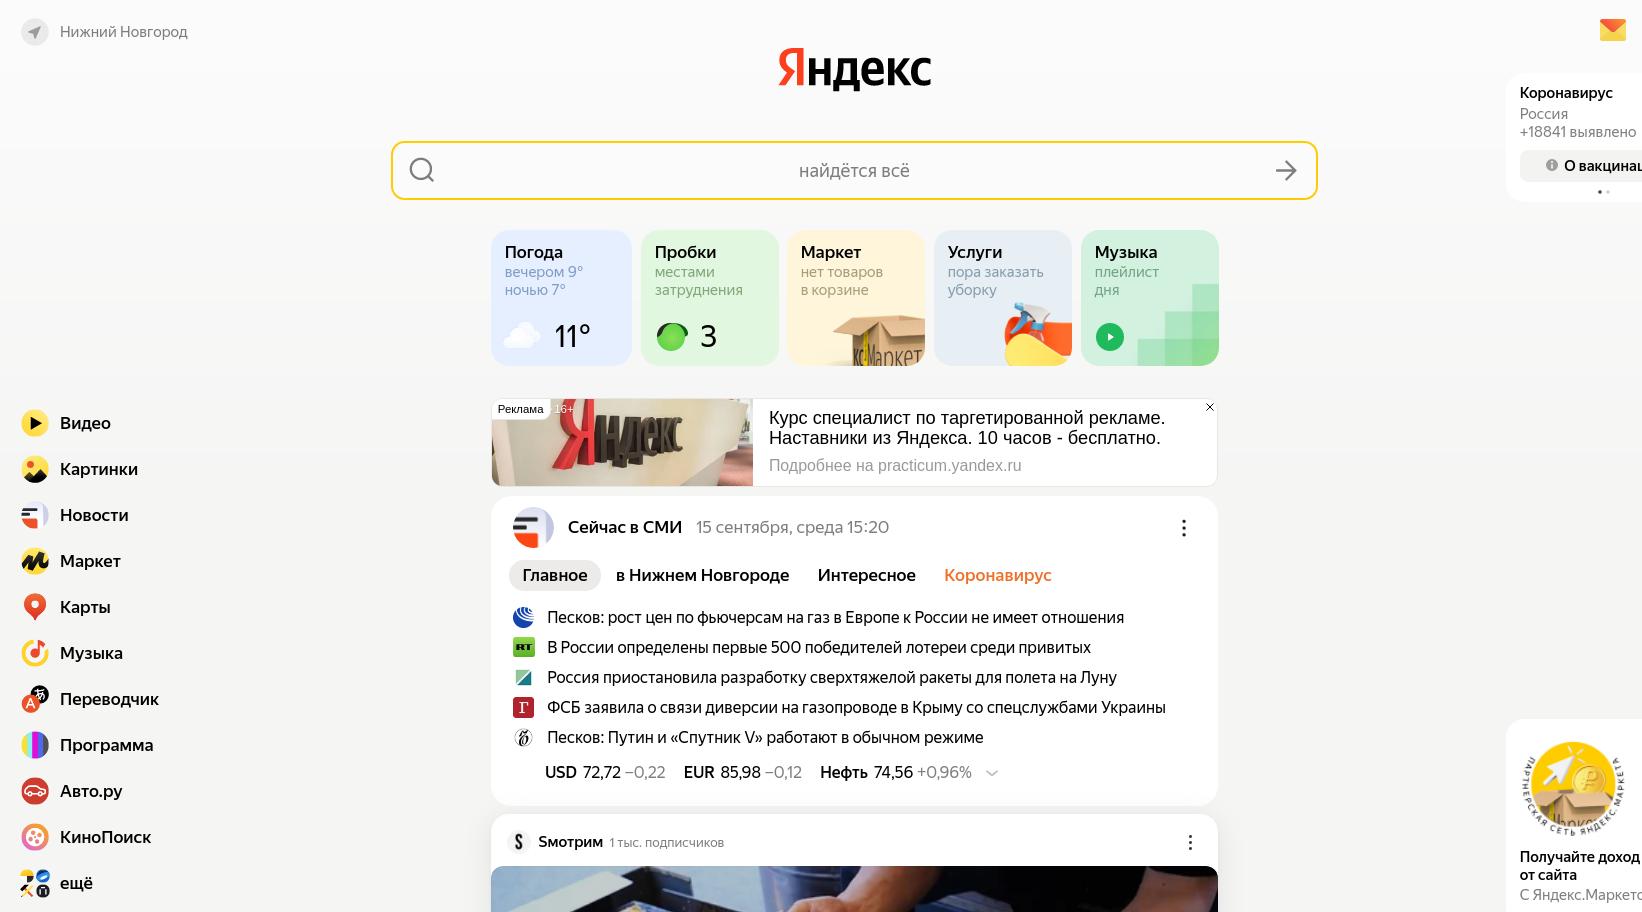 Y1 — большое обновление Поиска Яндекс